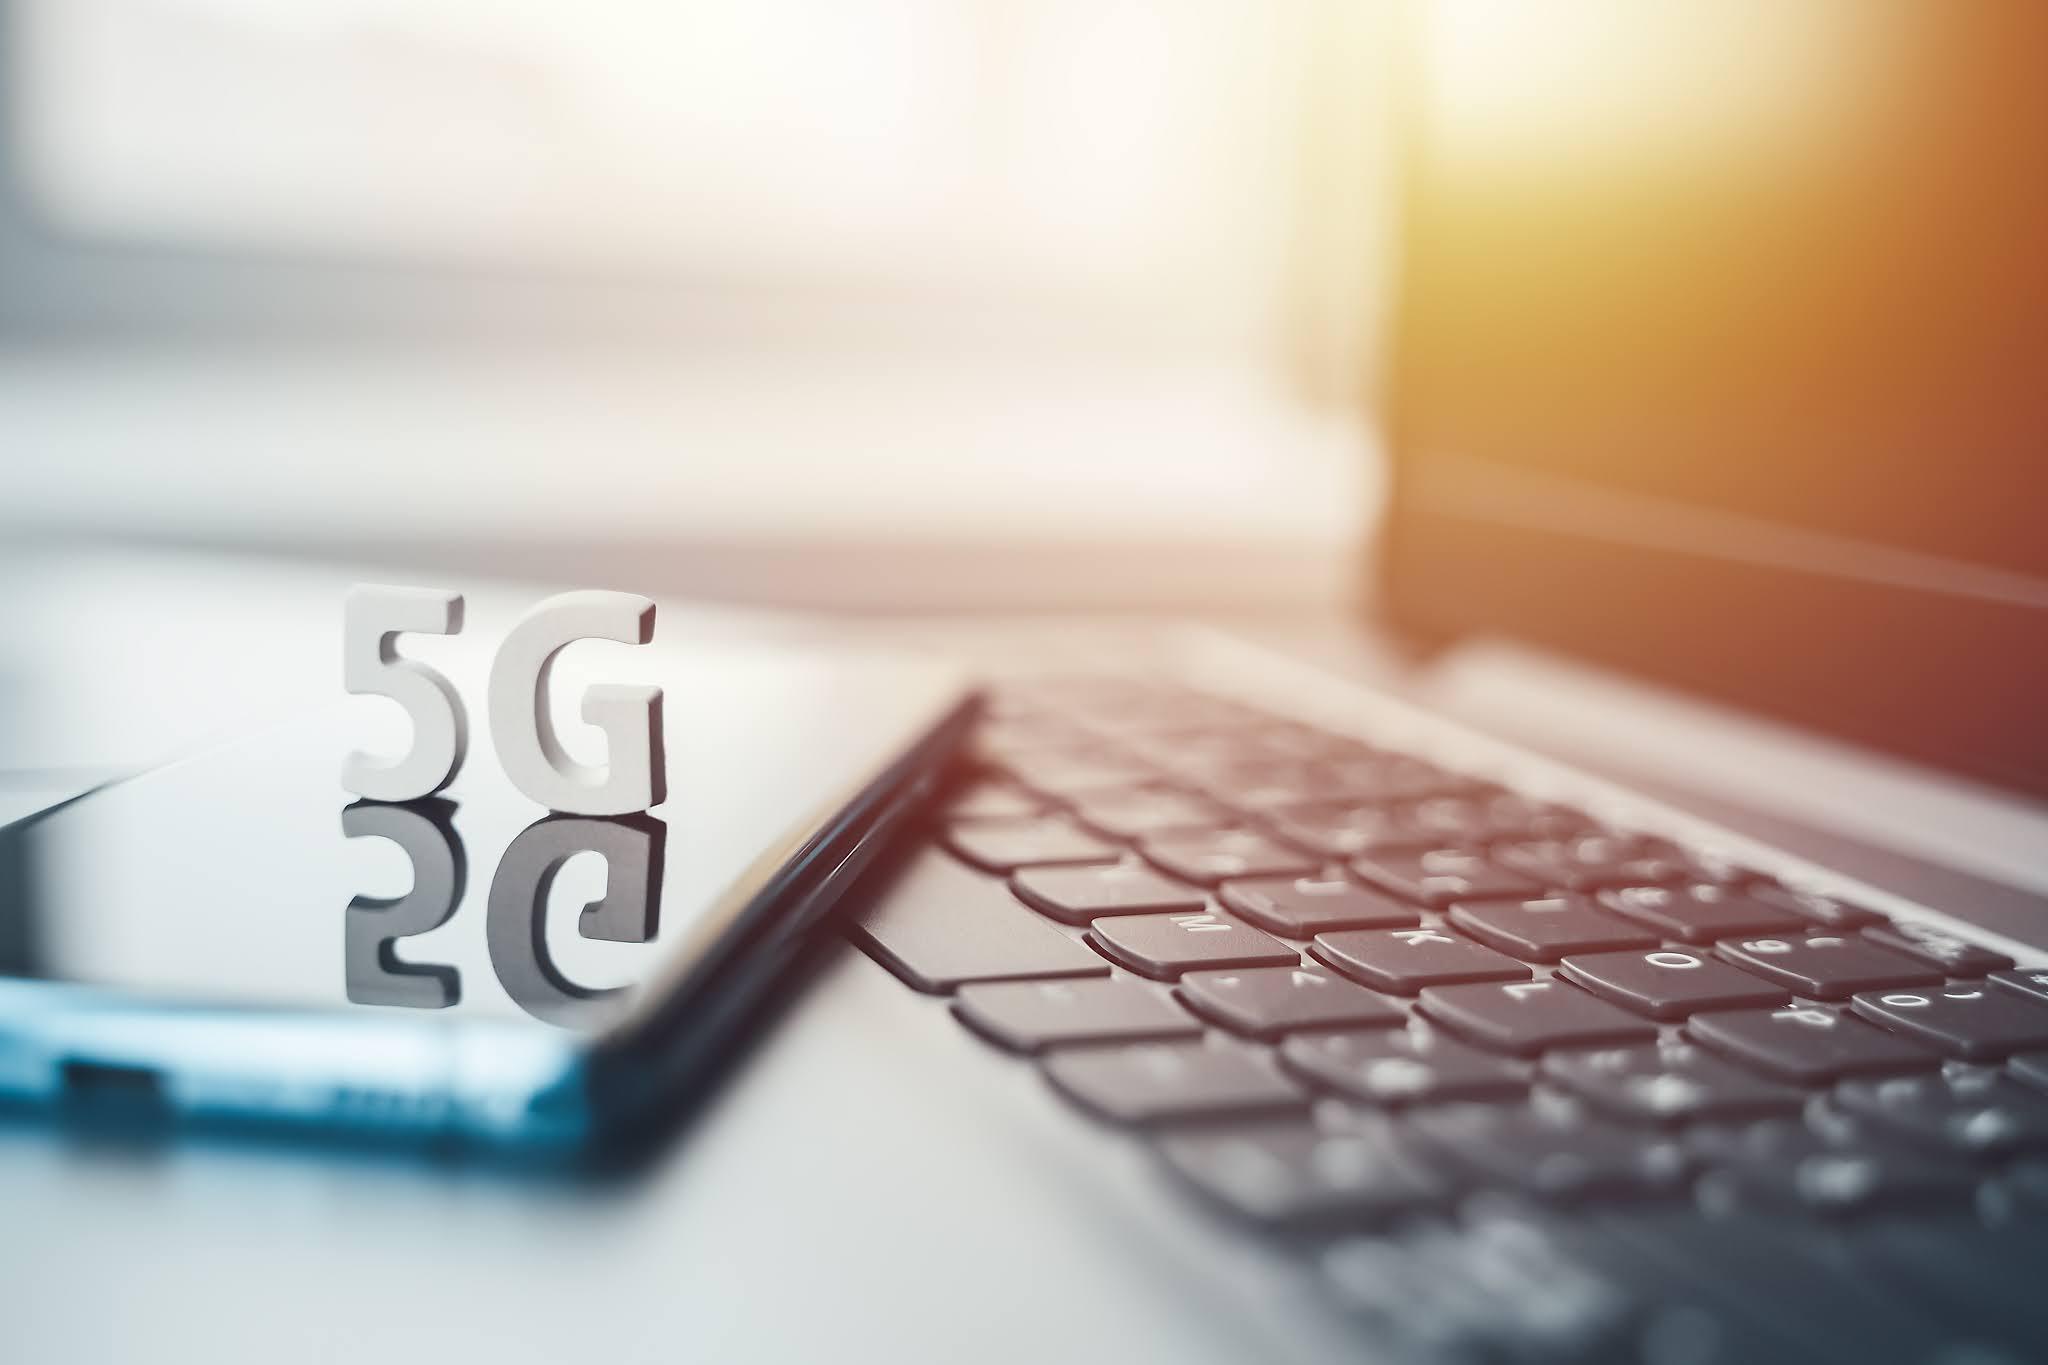 الإمارات تطور مشاريع تقنيات الجيل الخامس